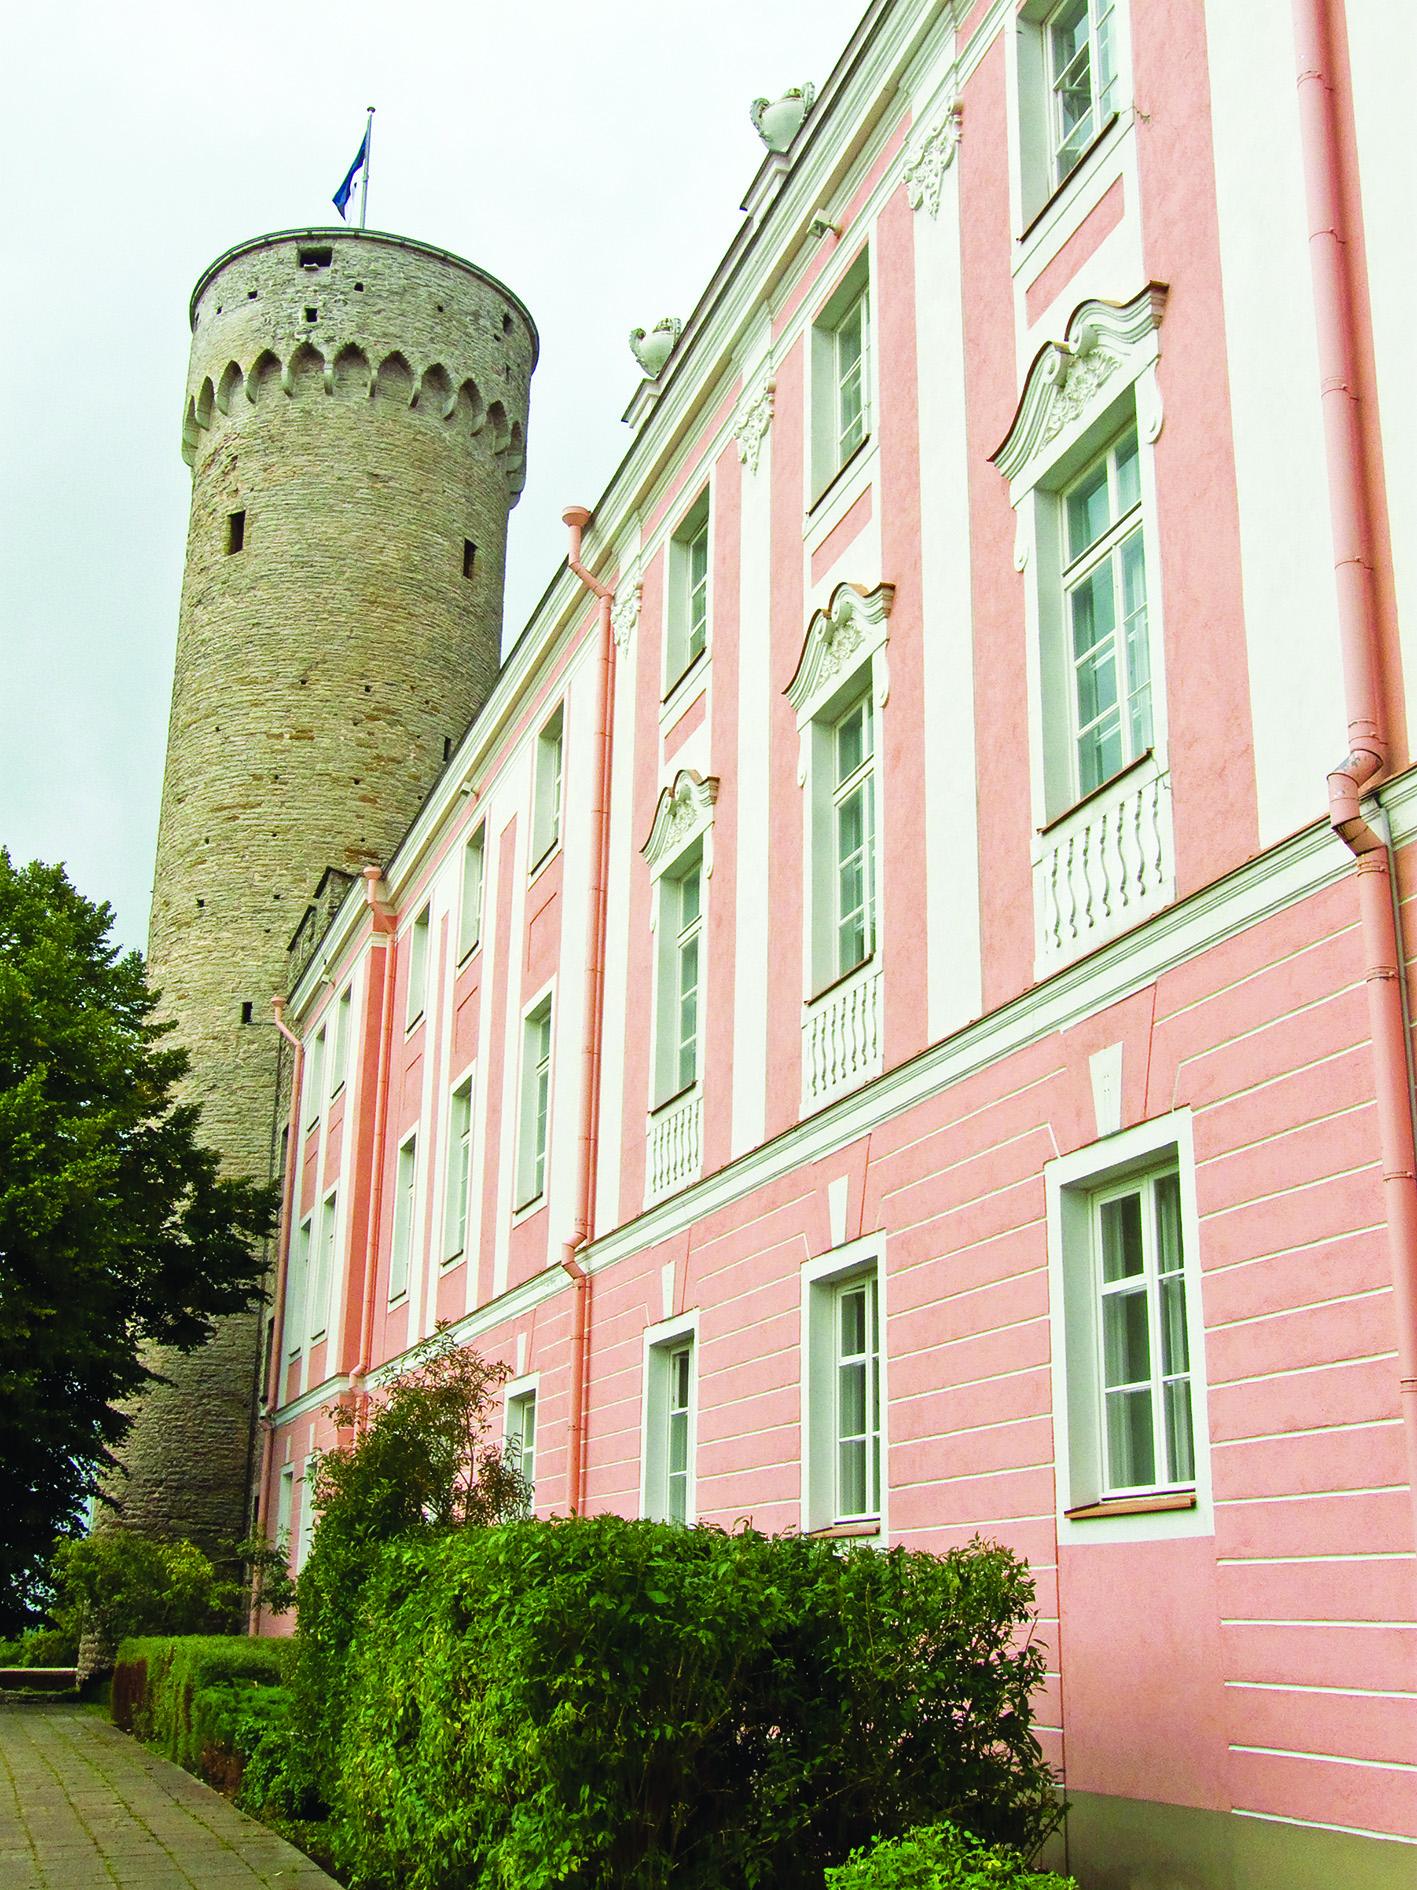 27_Toompea castle